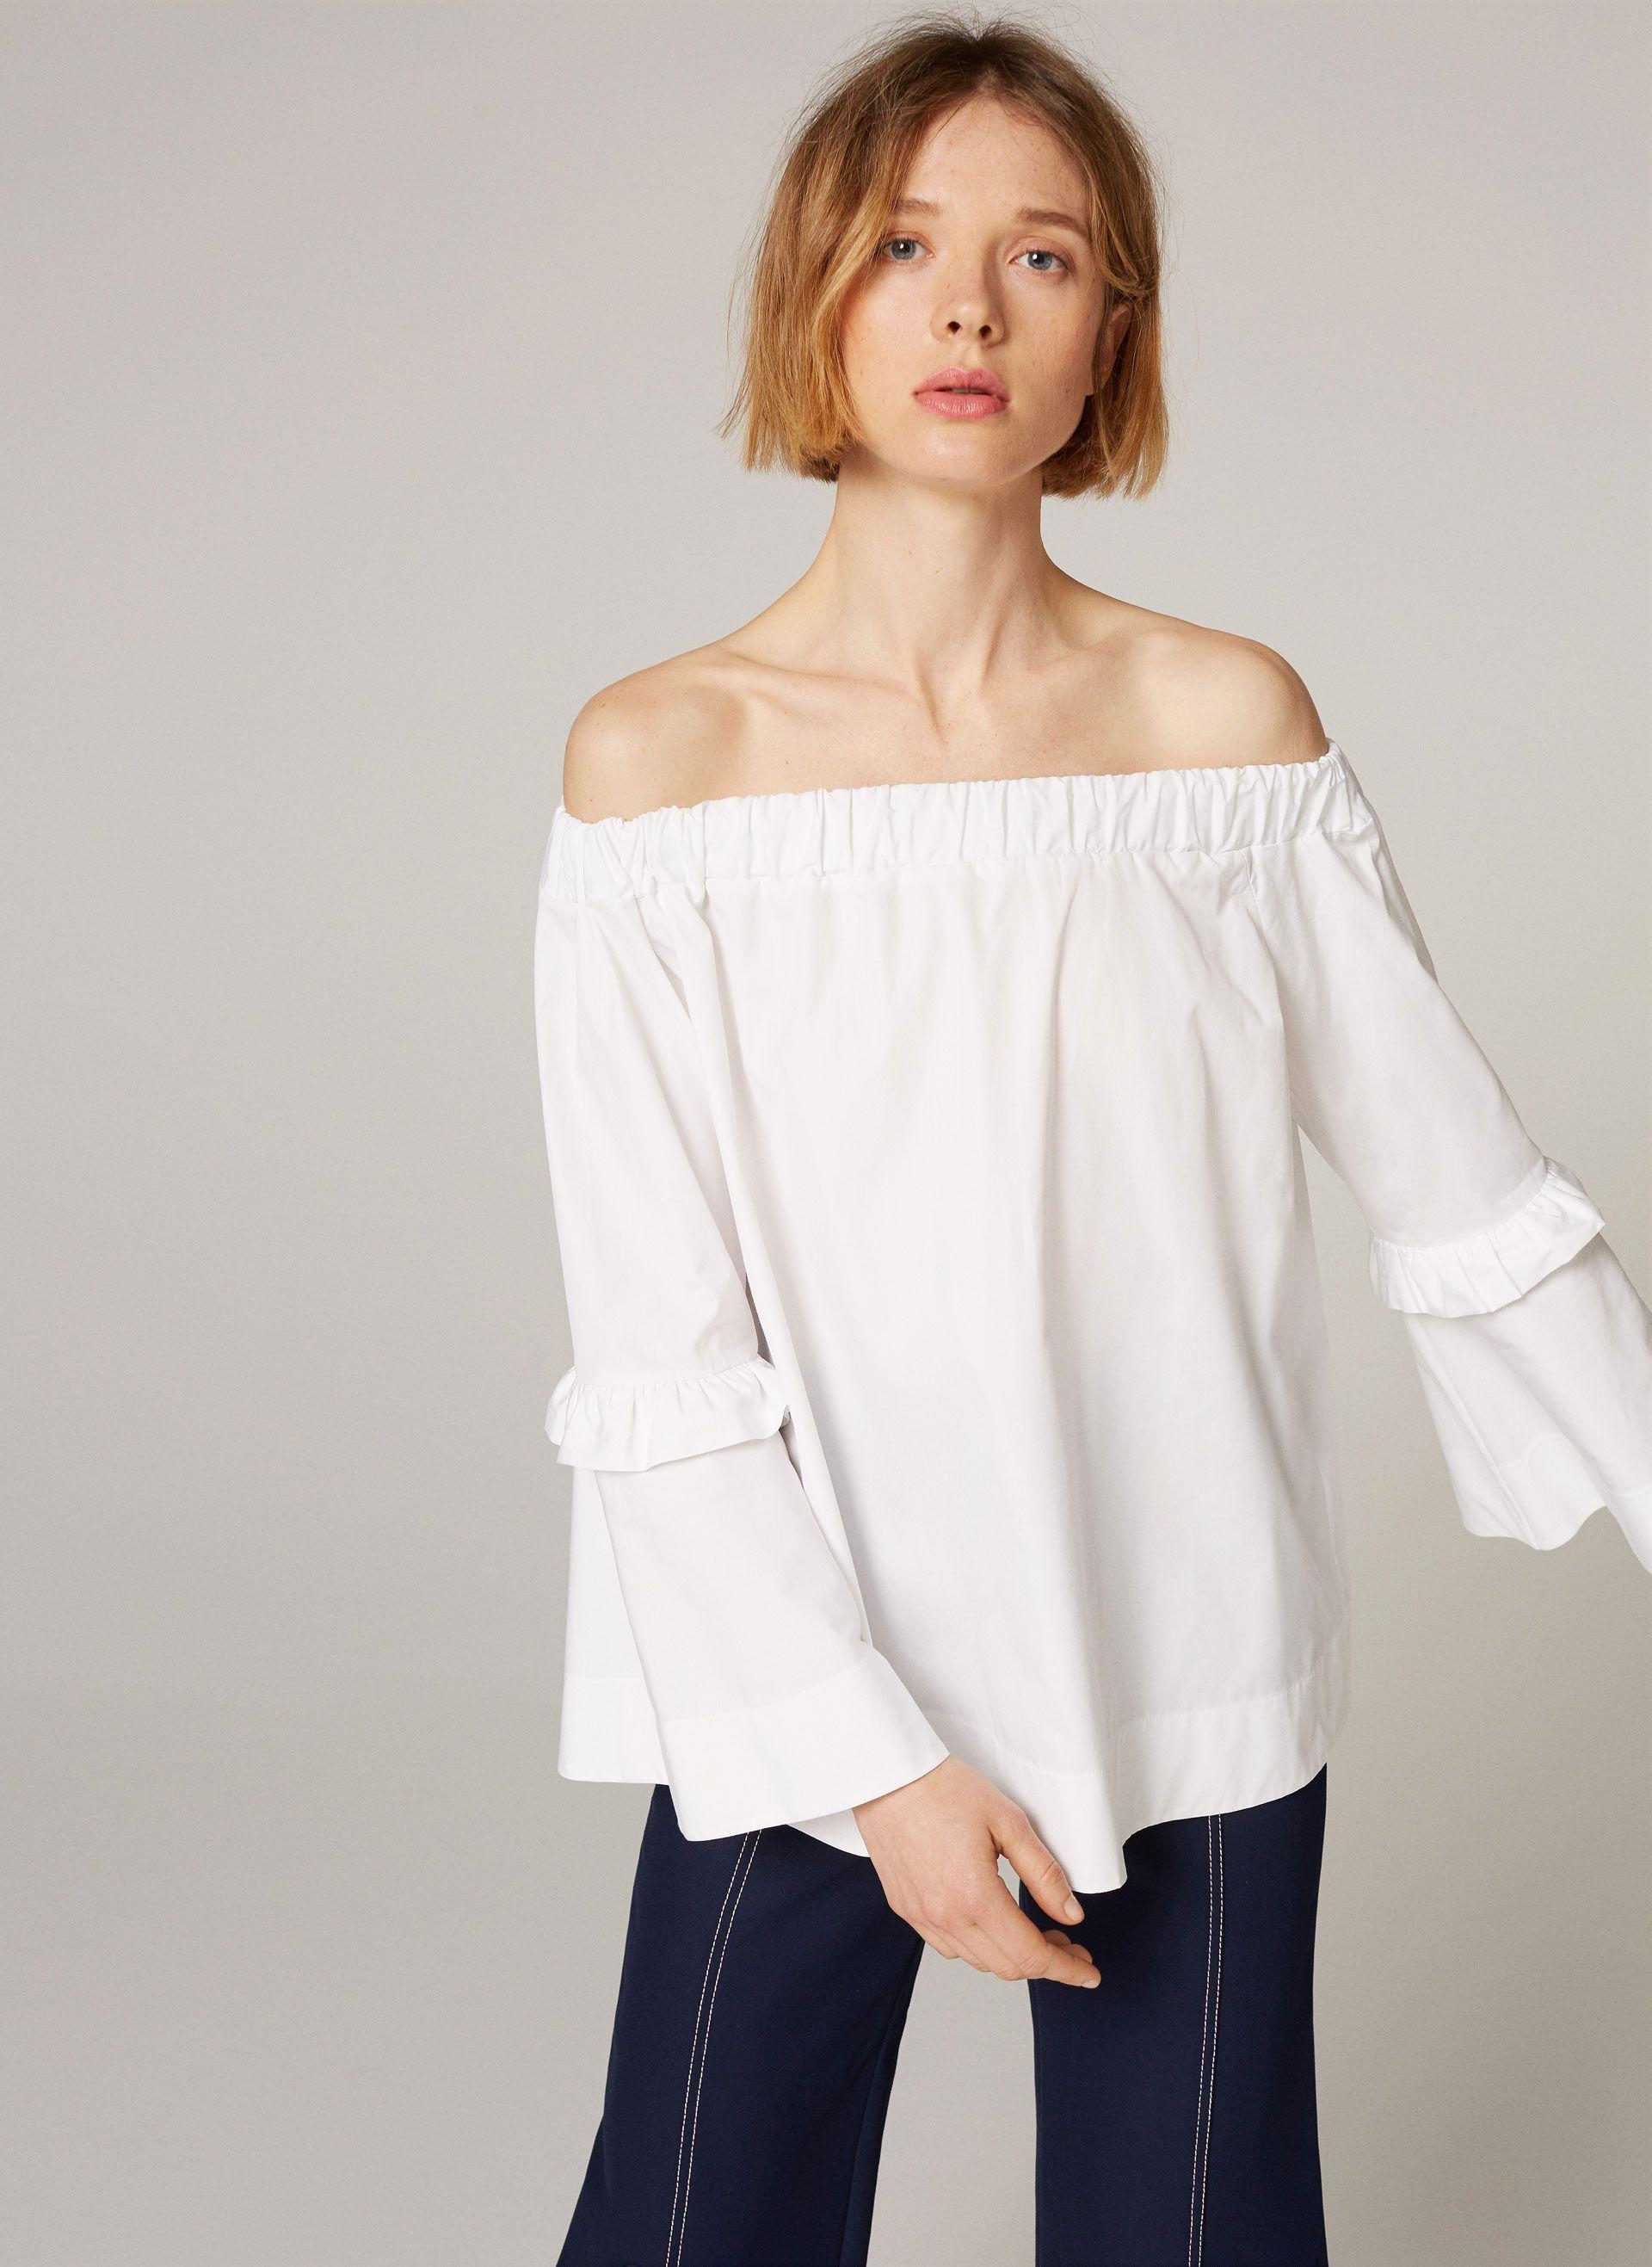 Uterqüe France Product Page - Nouveauté - Prêt-à-porter - Chemise épaules dénudées - 75